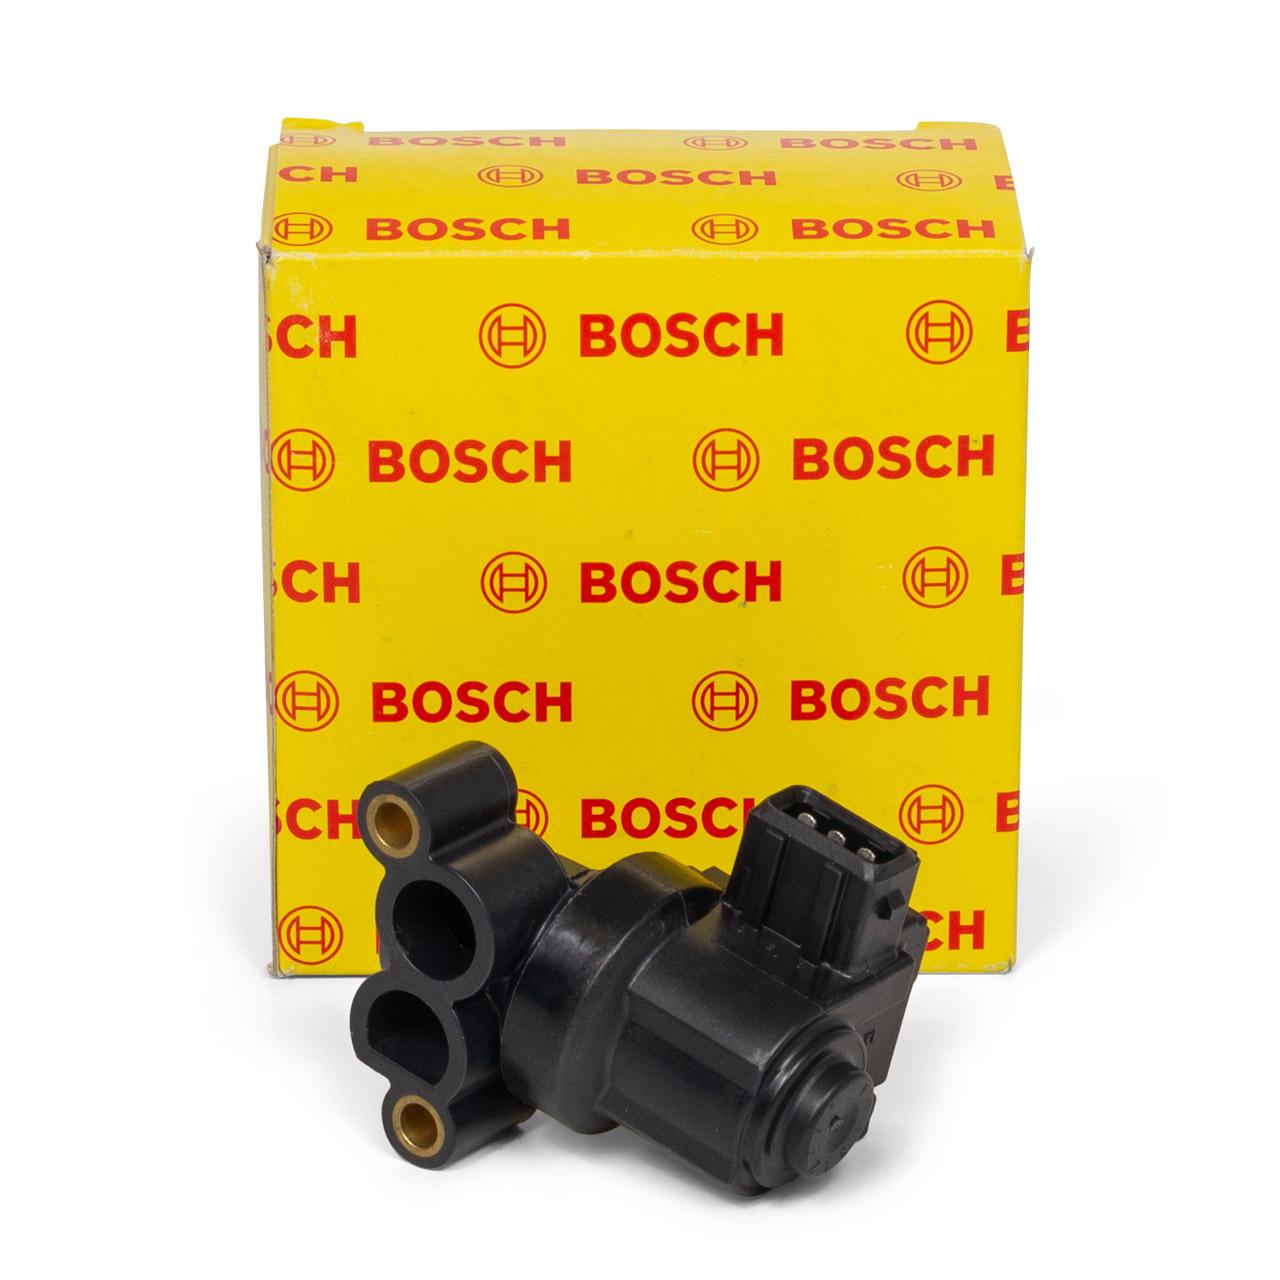 BOSCH 0280140572 Leerlaufregelventil PORSCHE 996 3.4/3.6 Carrera Boxster 986 99660616001